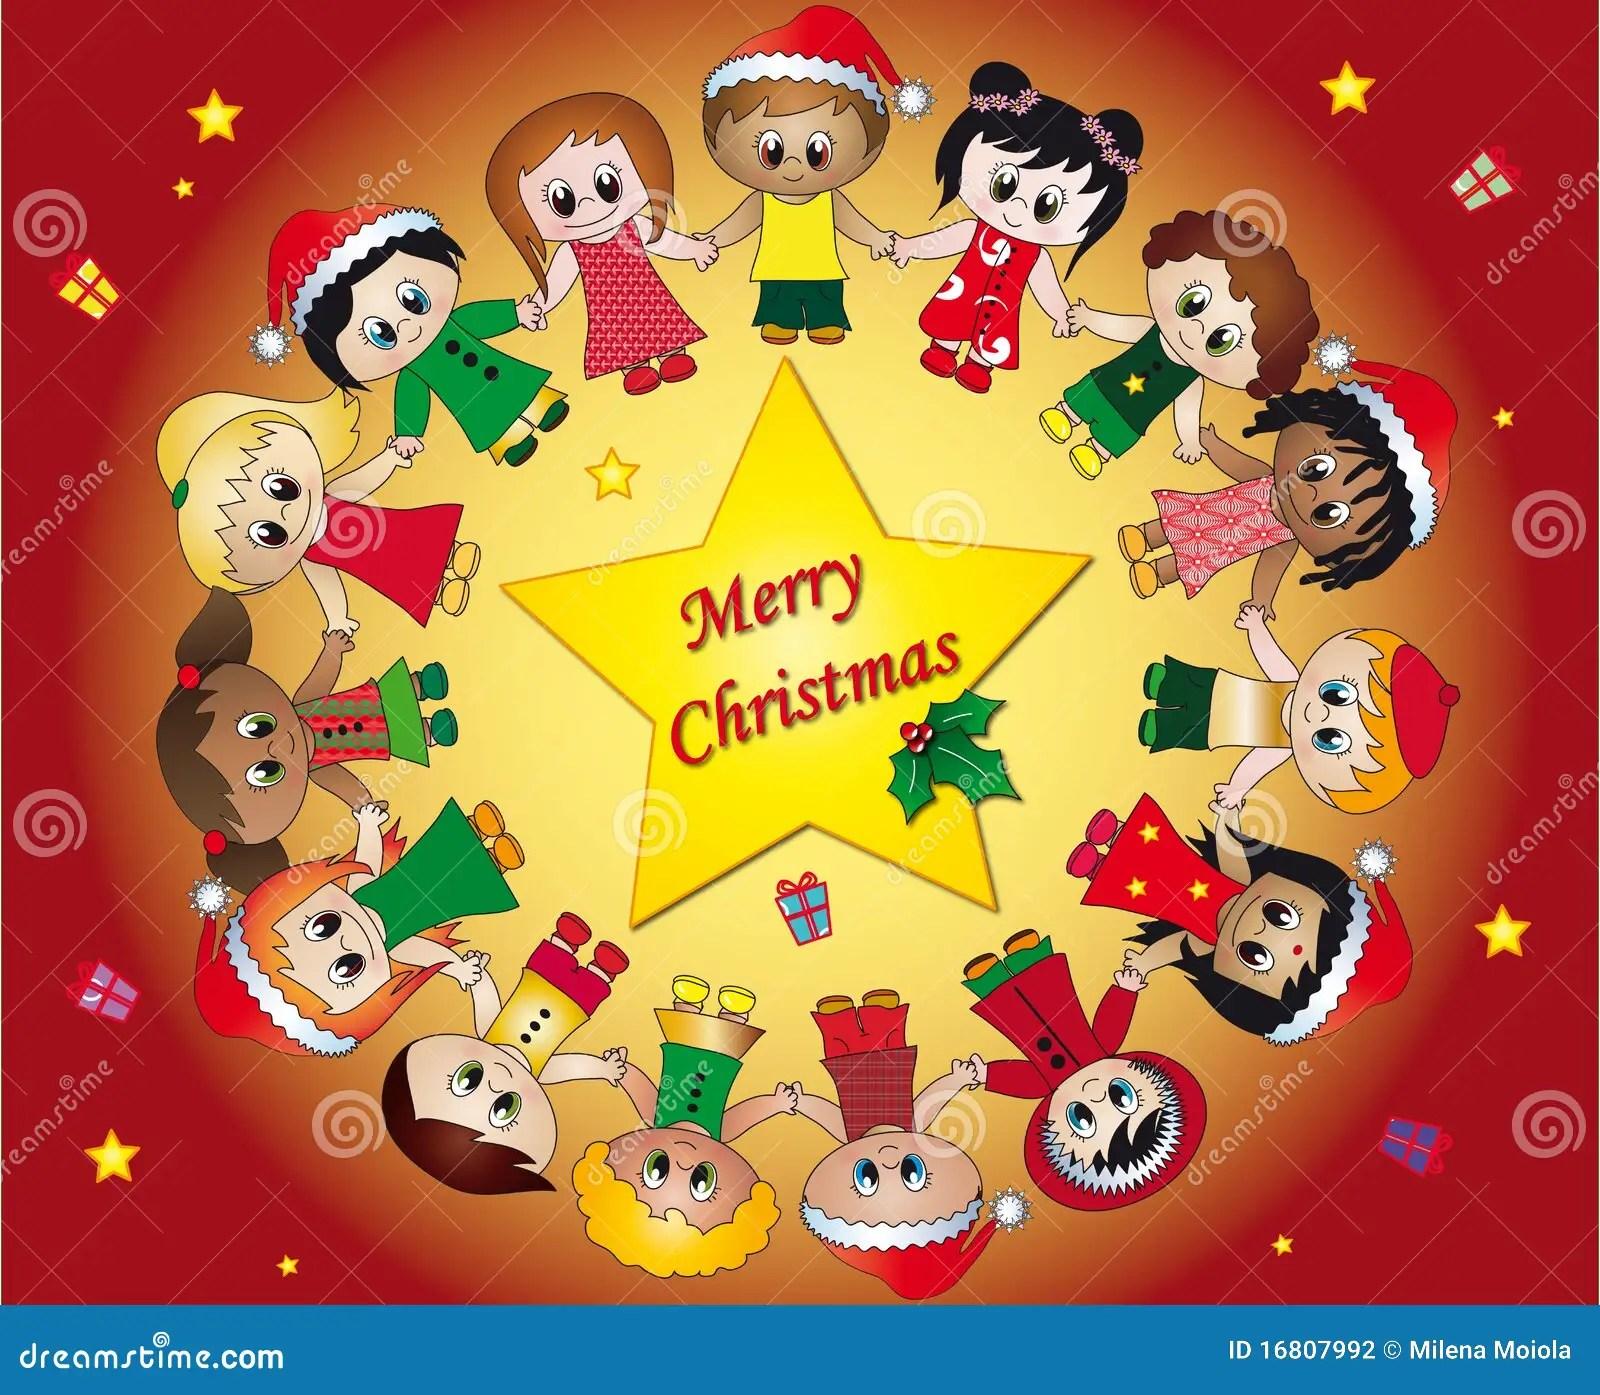 Children Christmas Stock Illustration Illustration Of